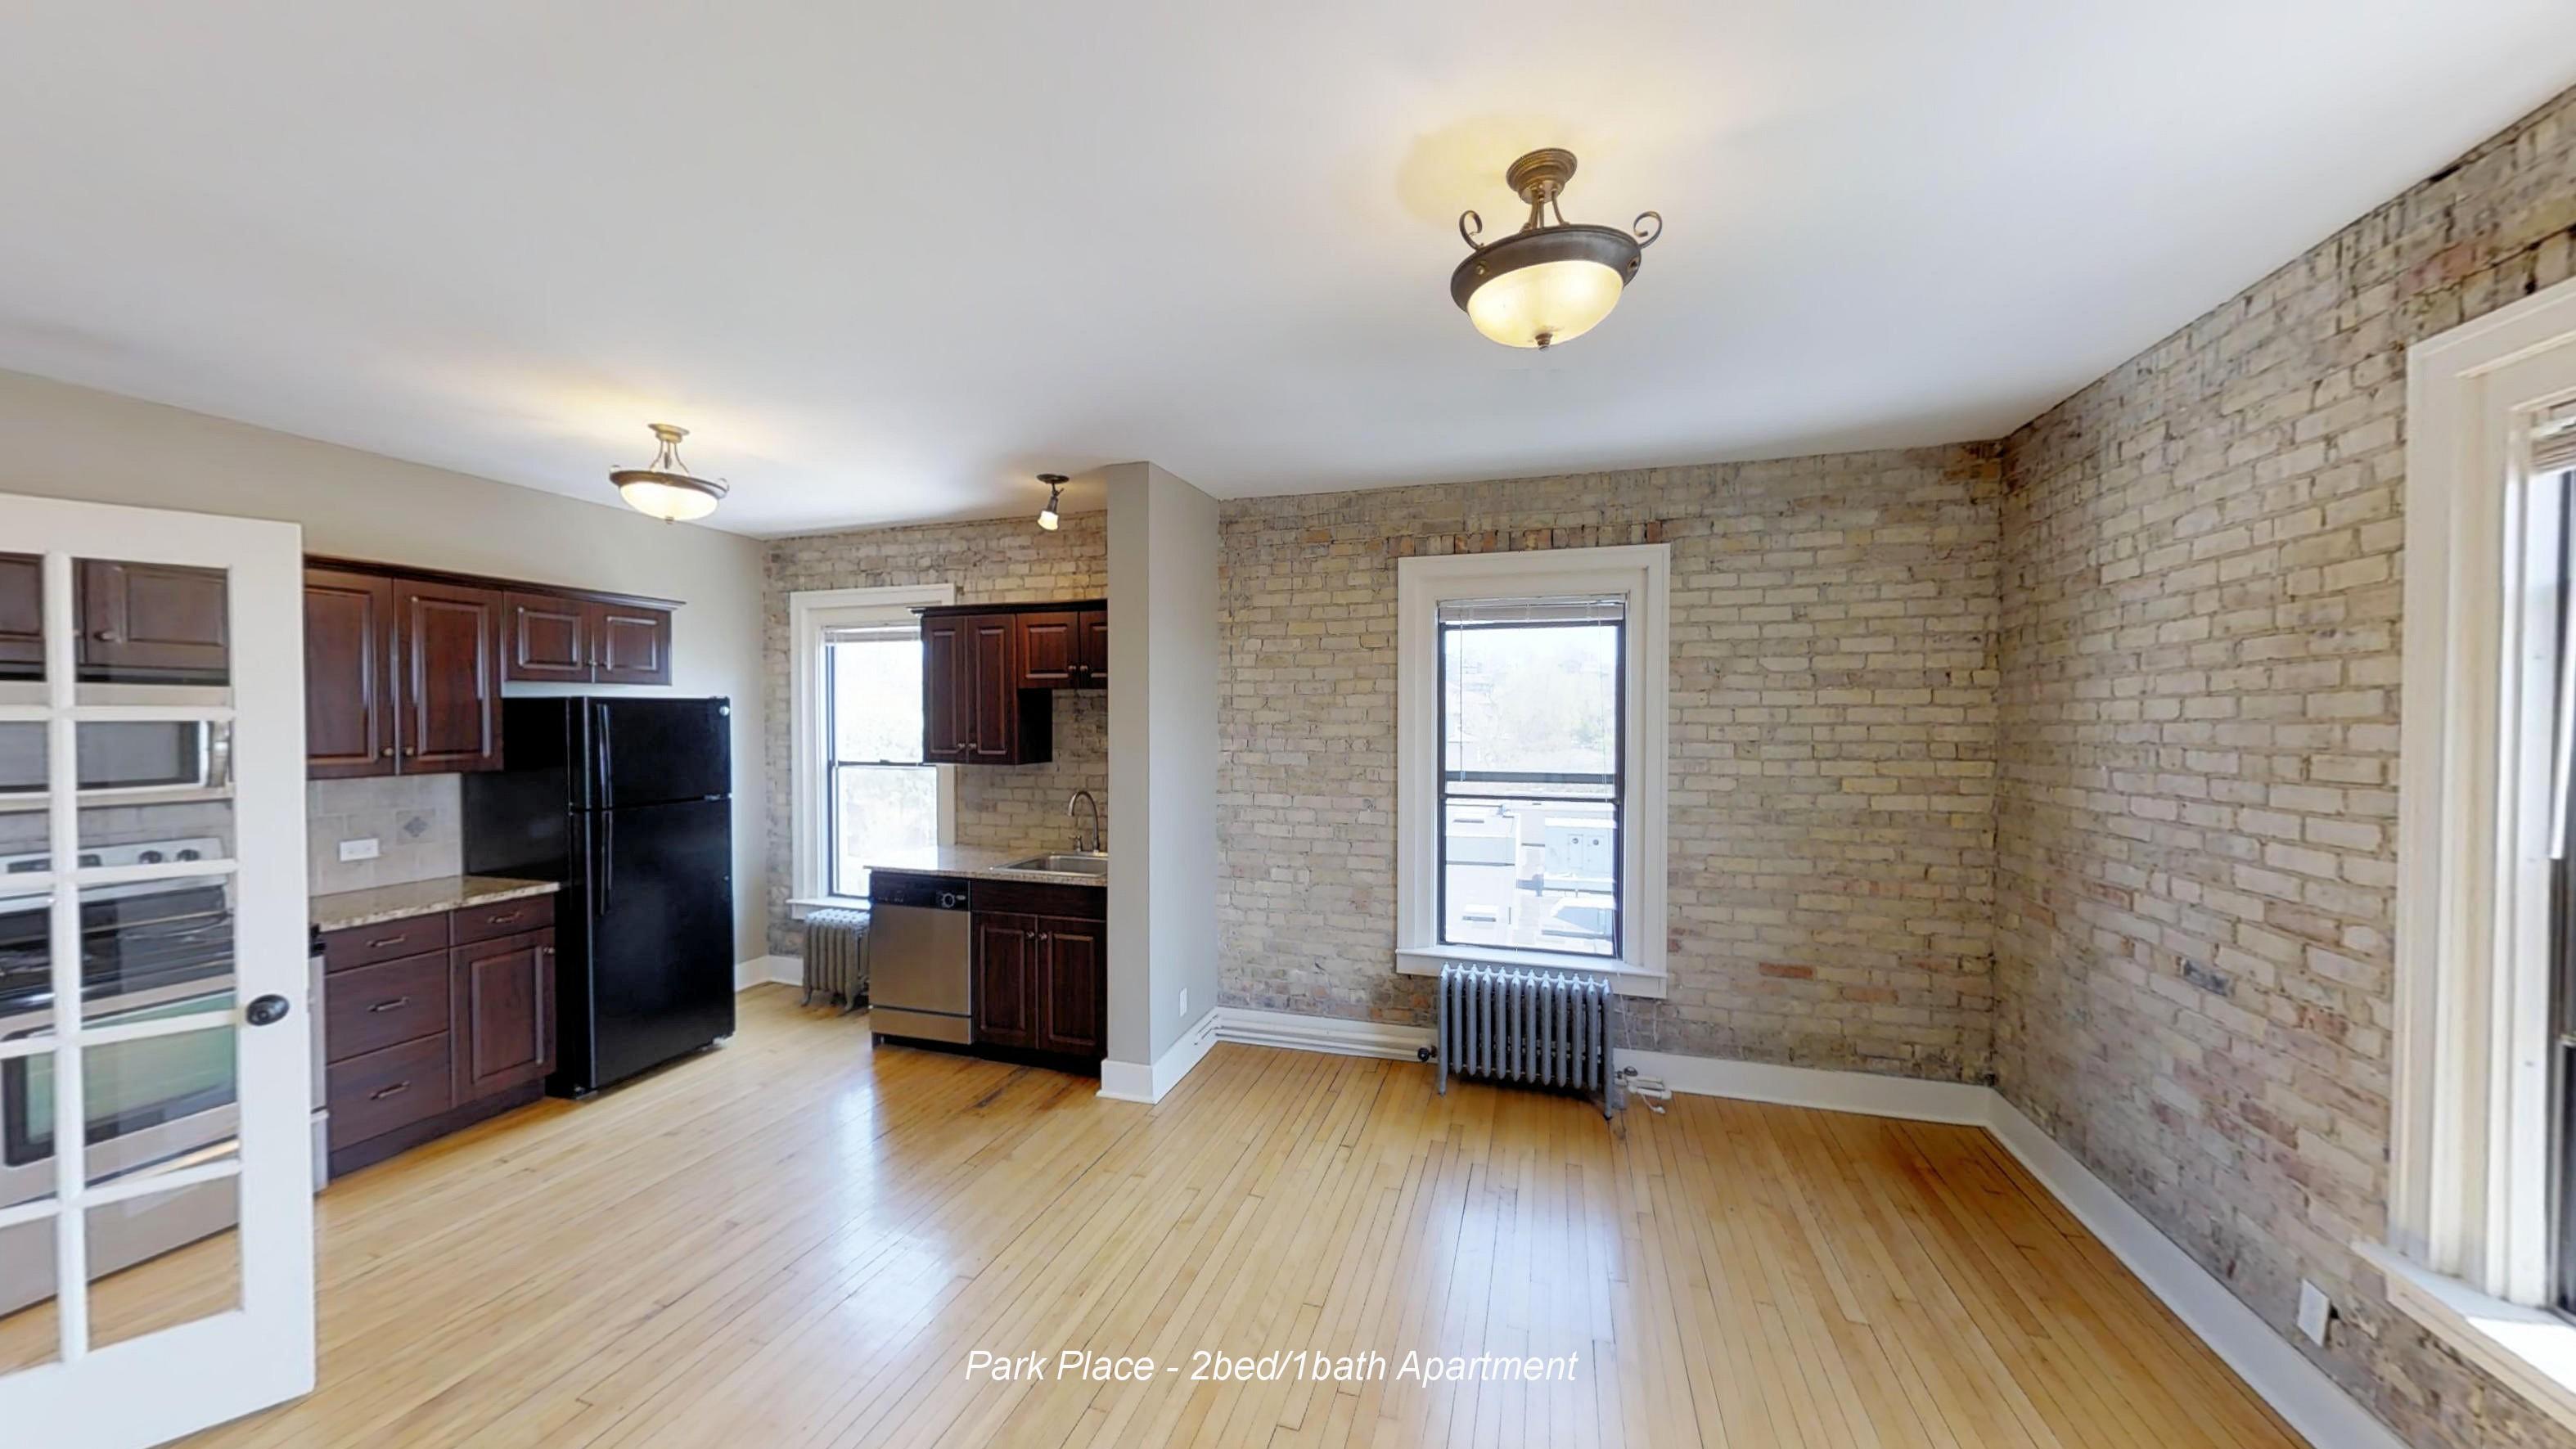 Park Place Apartments rental